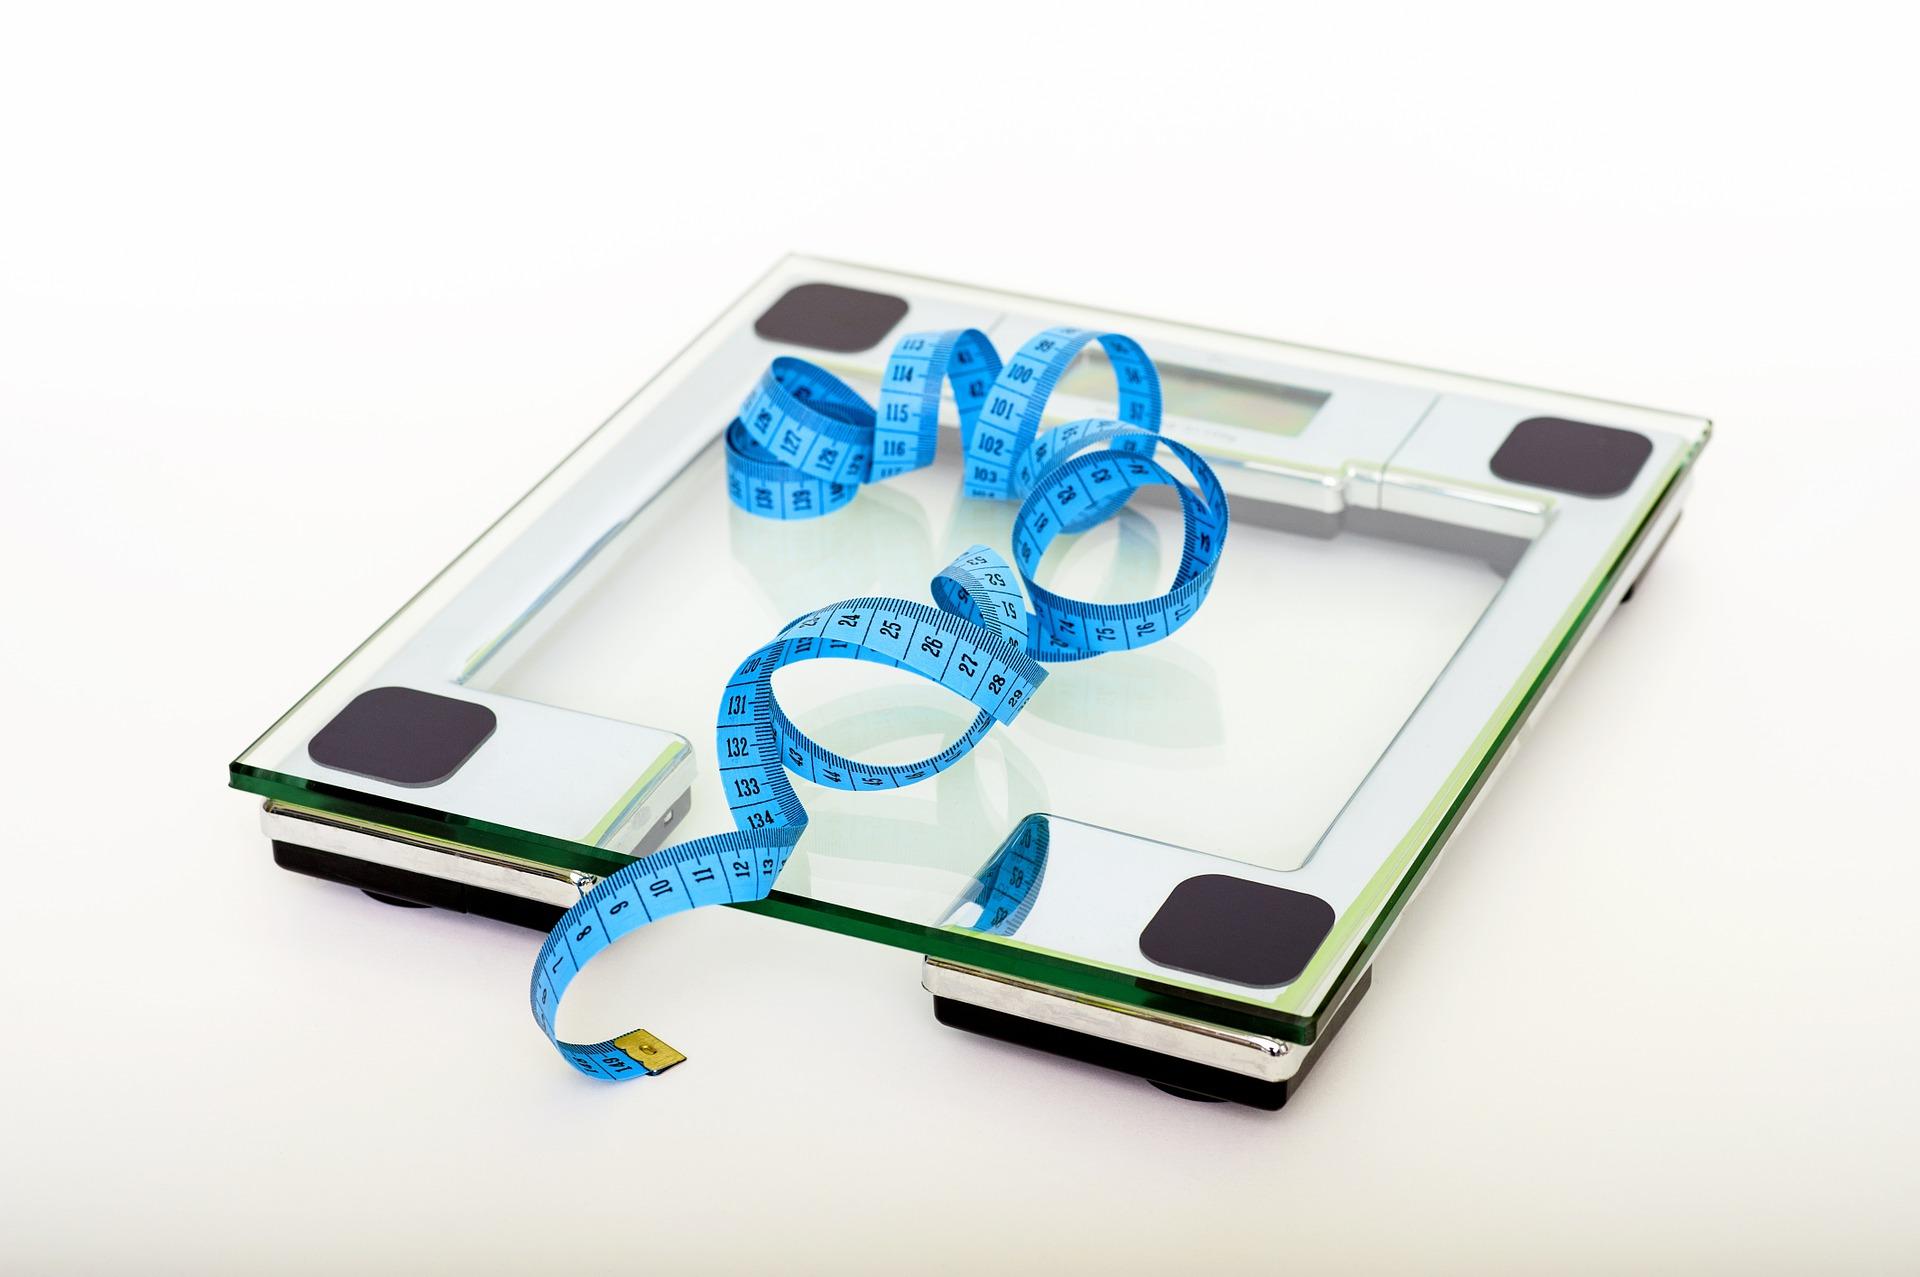 Waga i metr do badania pomiaru postępów w diecie, ćwiczeniach i zabiegach